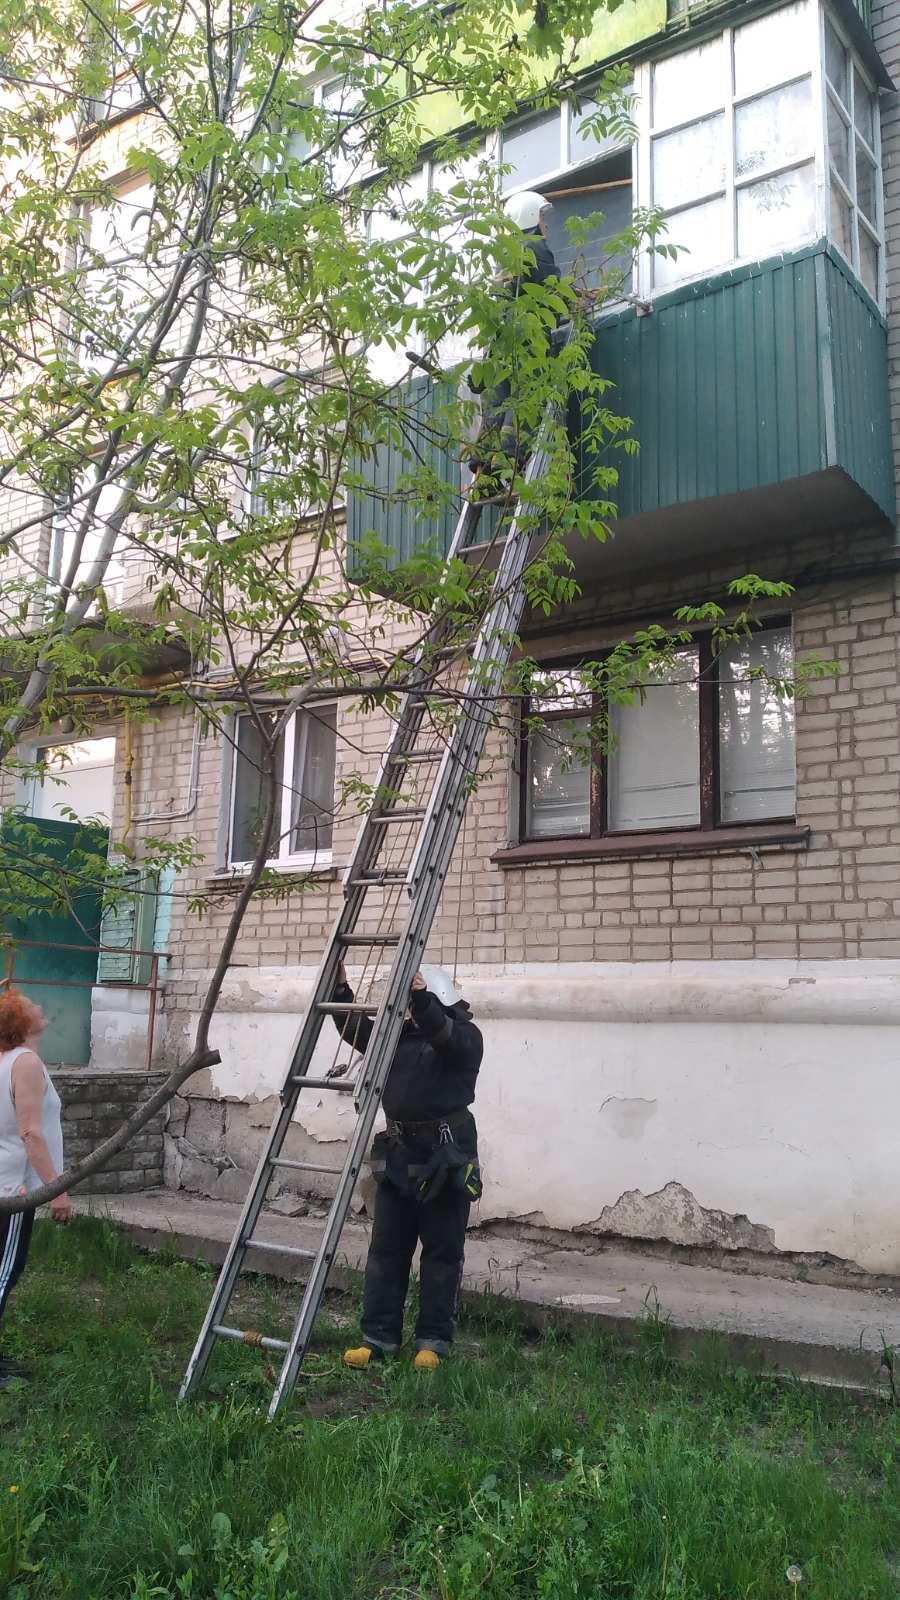 Харьковские спасатели предотвратили утечку газа в многоэтажке (фото)